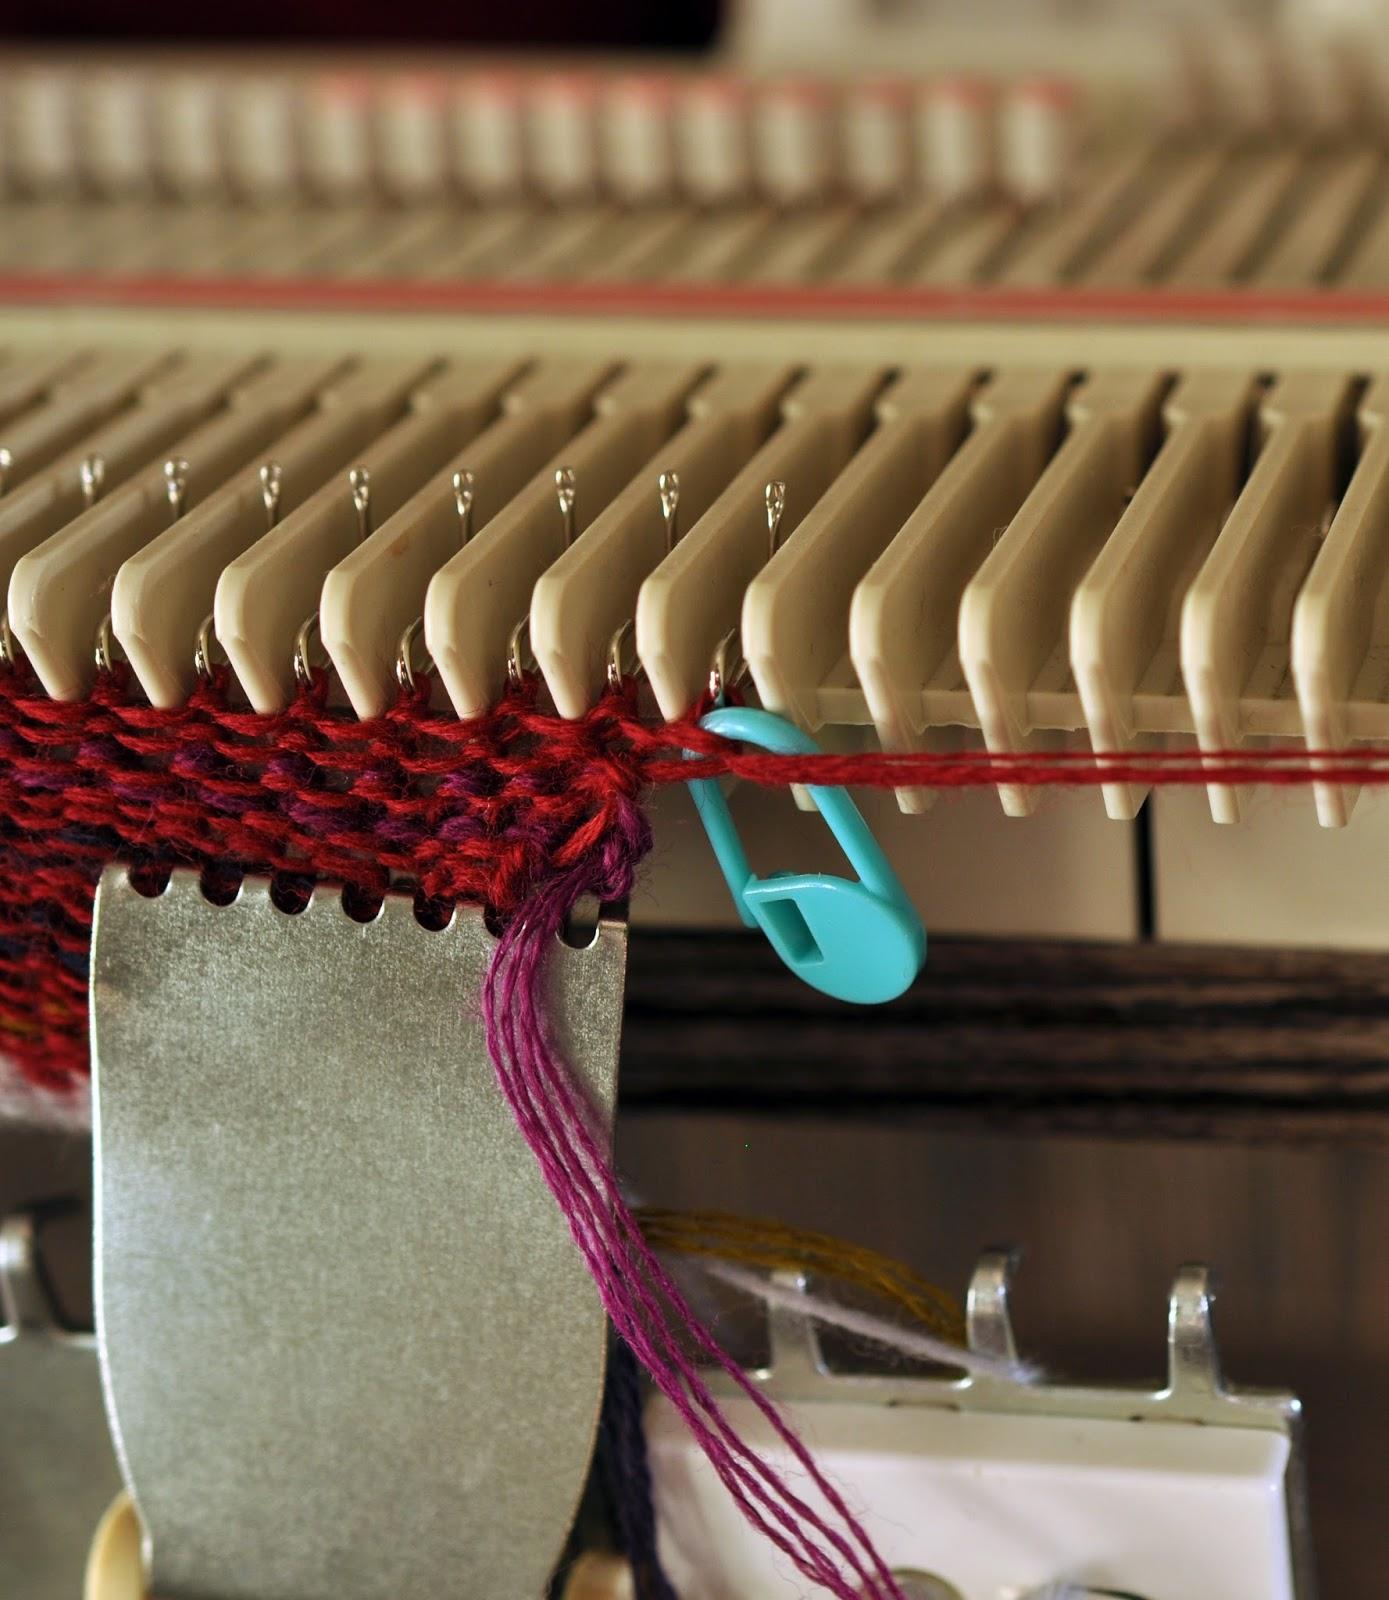 Вязание на сильвер рид 150